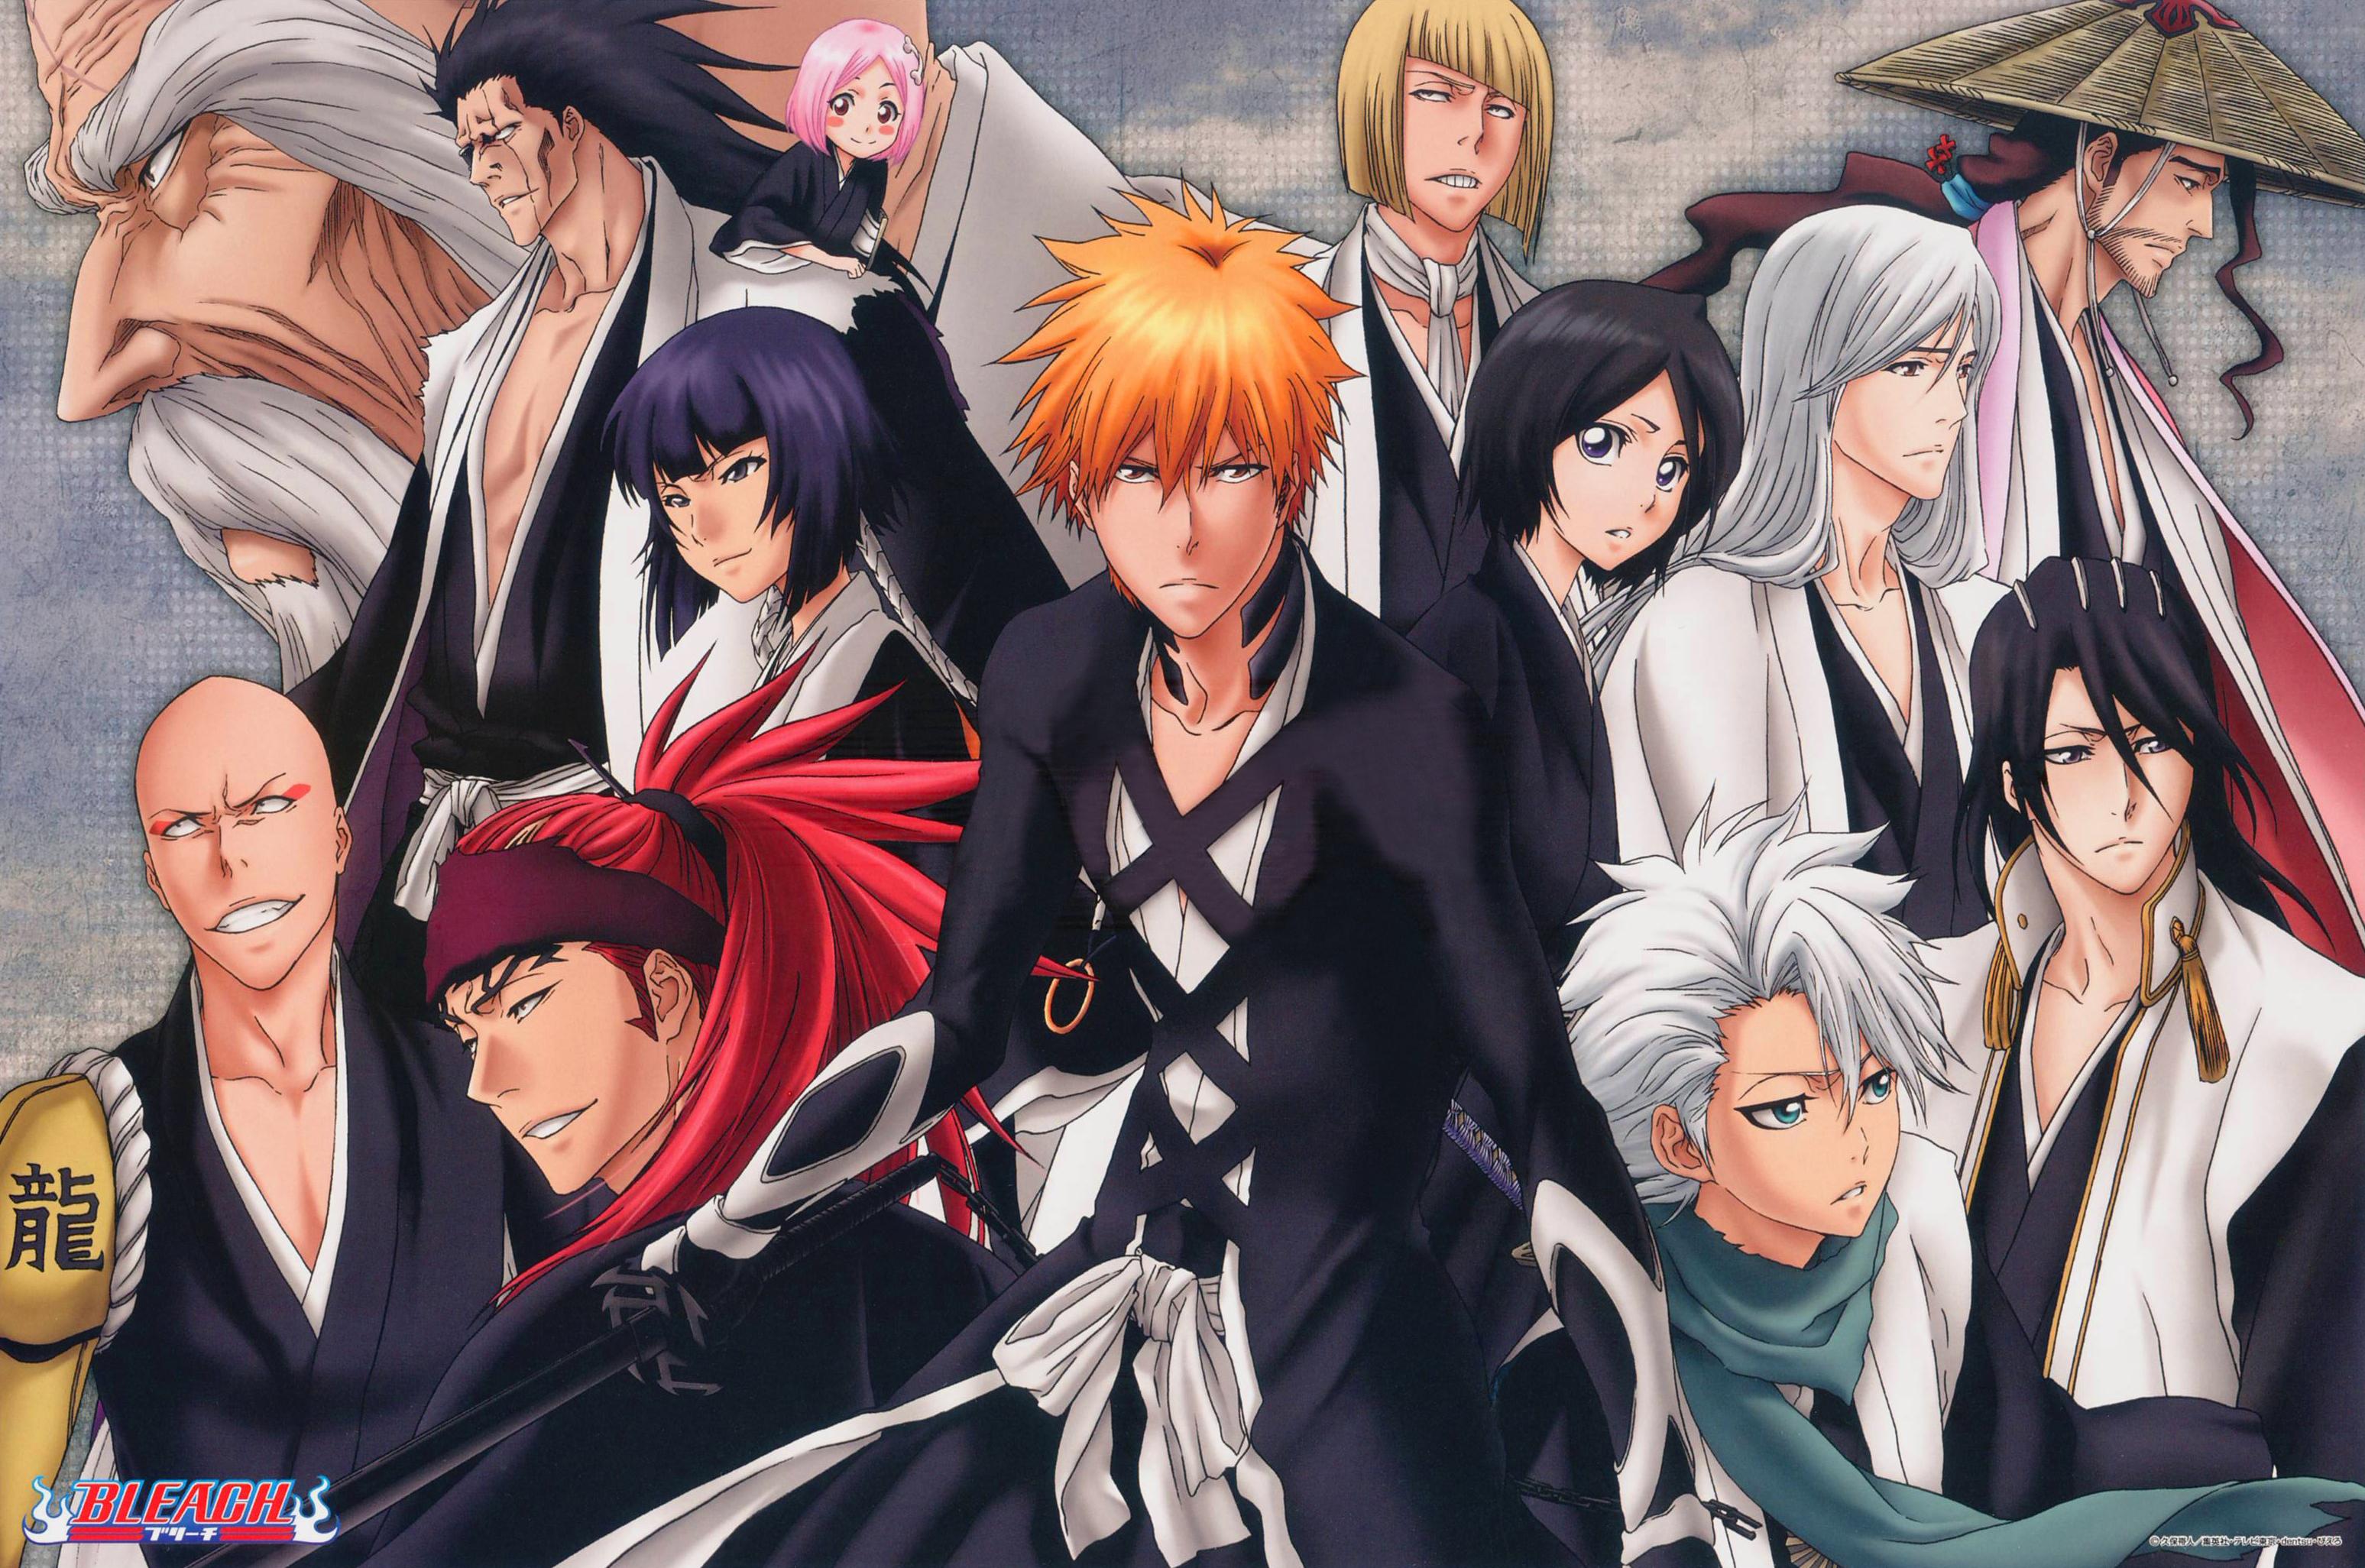 gotei 13 - bleach - image #1572647 - zerochan anime image board